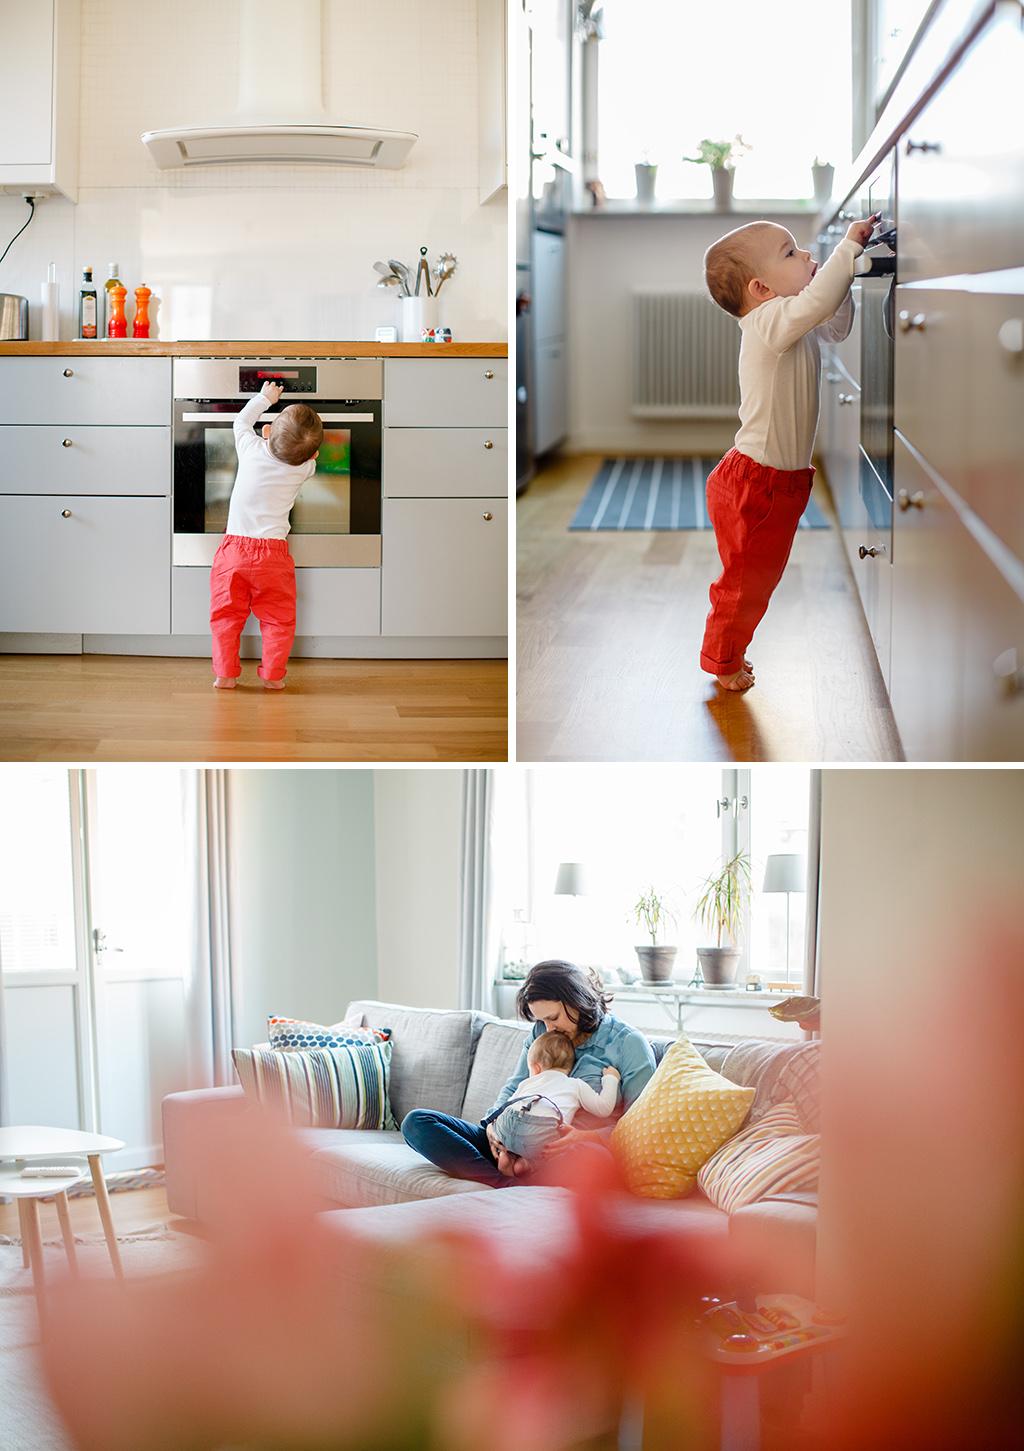 Hemma-hos-fotografering_Familjefotograf_Stockholm_Anna-Sandstrom_2.jpg